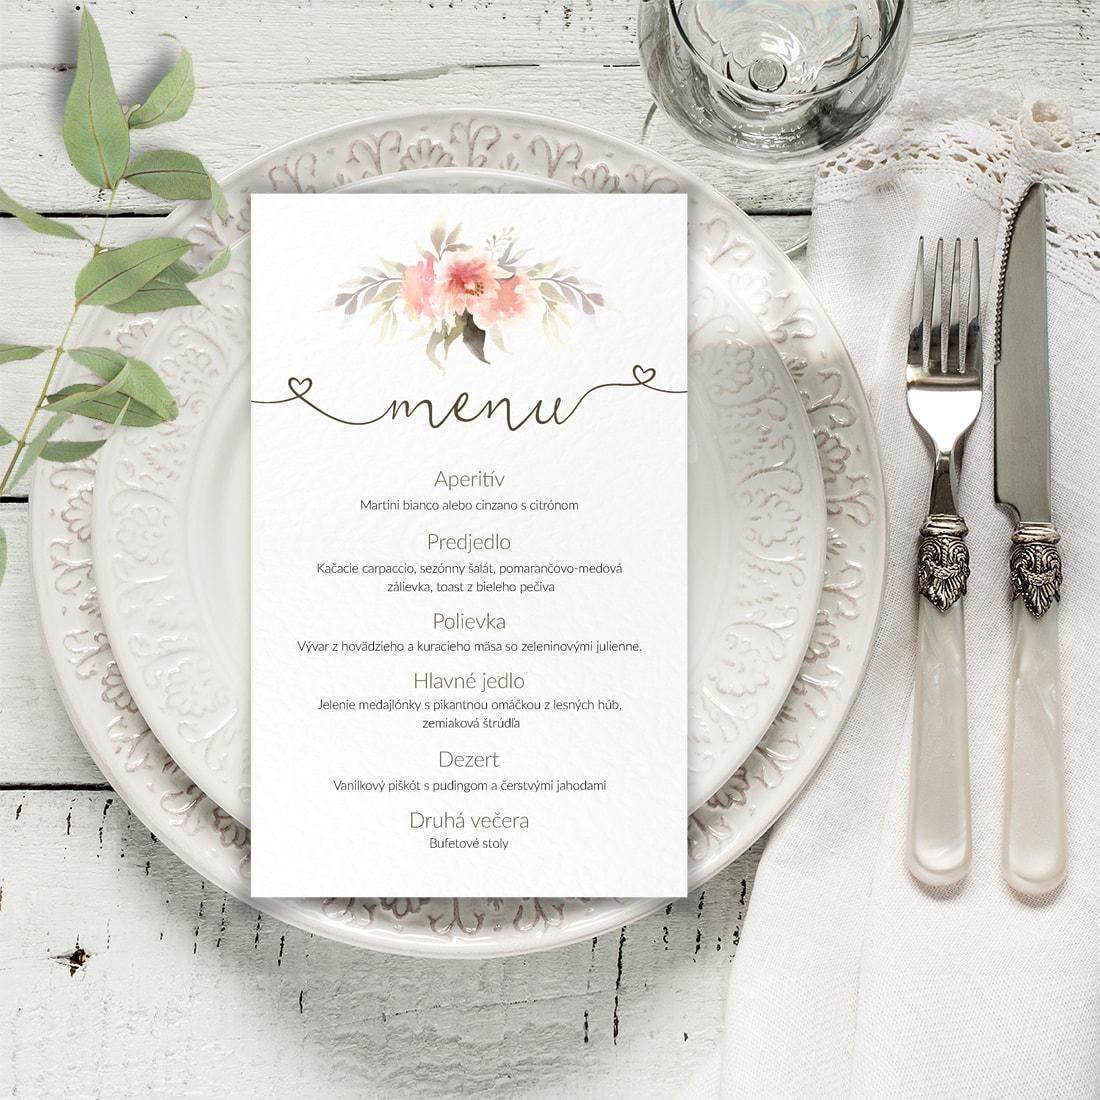 Svadobné menu - menu karta - Obrázok č. 1